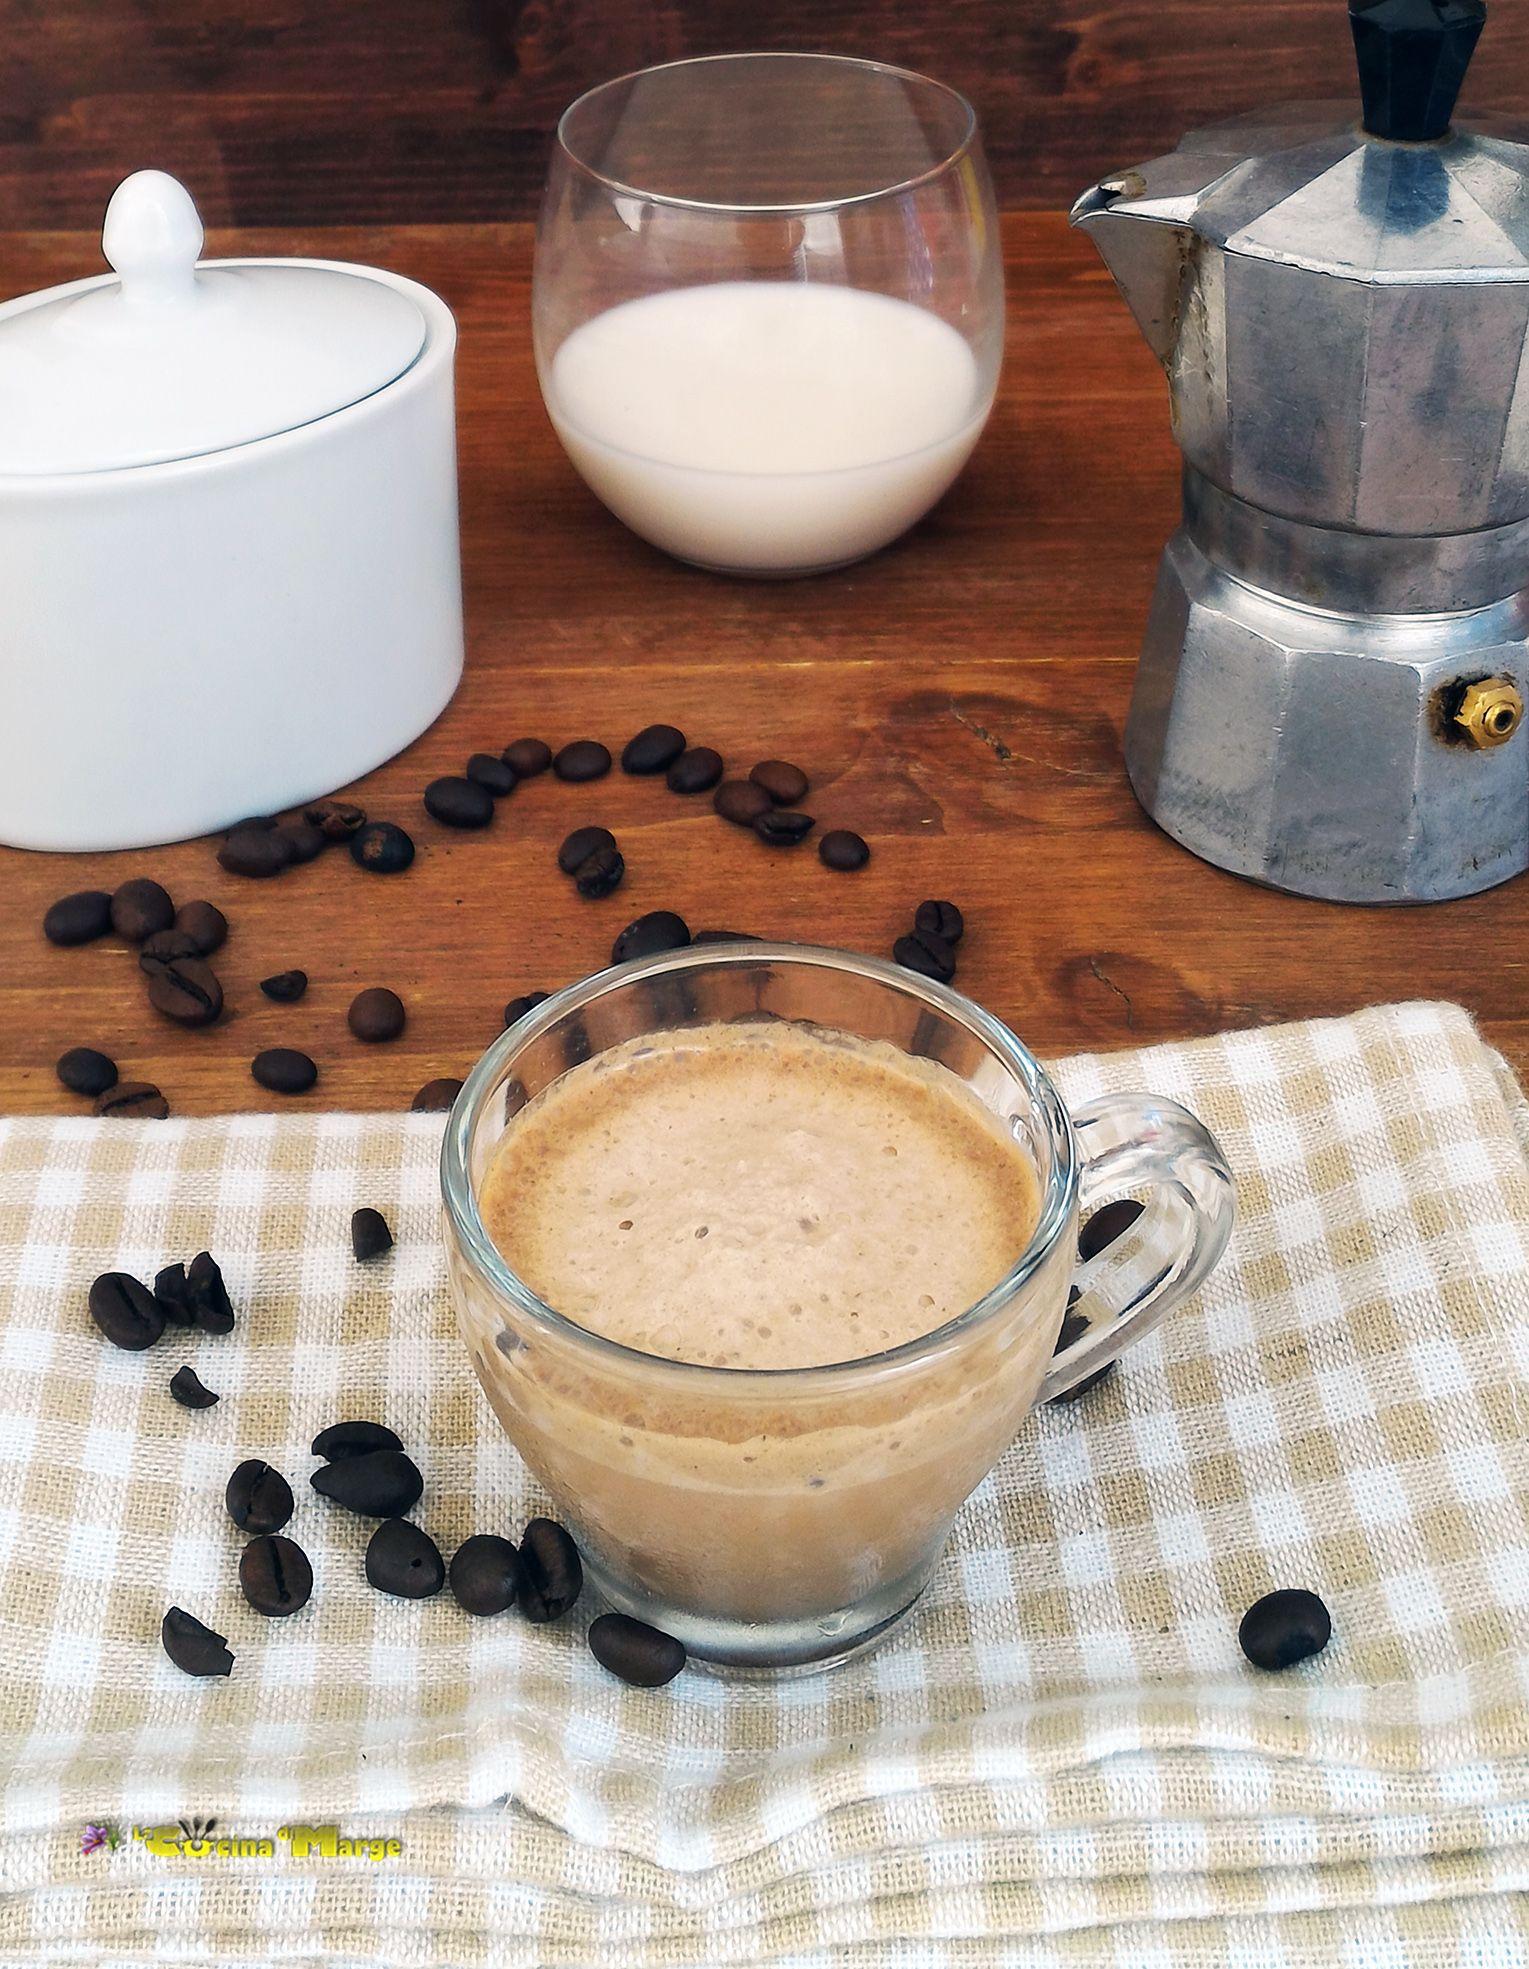 Milk Shaker E Coffee Crema Al Latte Caffe E Nutella Una Bevanda Fredda Cremosa Come Al Bar Bevande Fredde Bevande Nutella